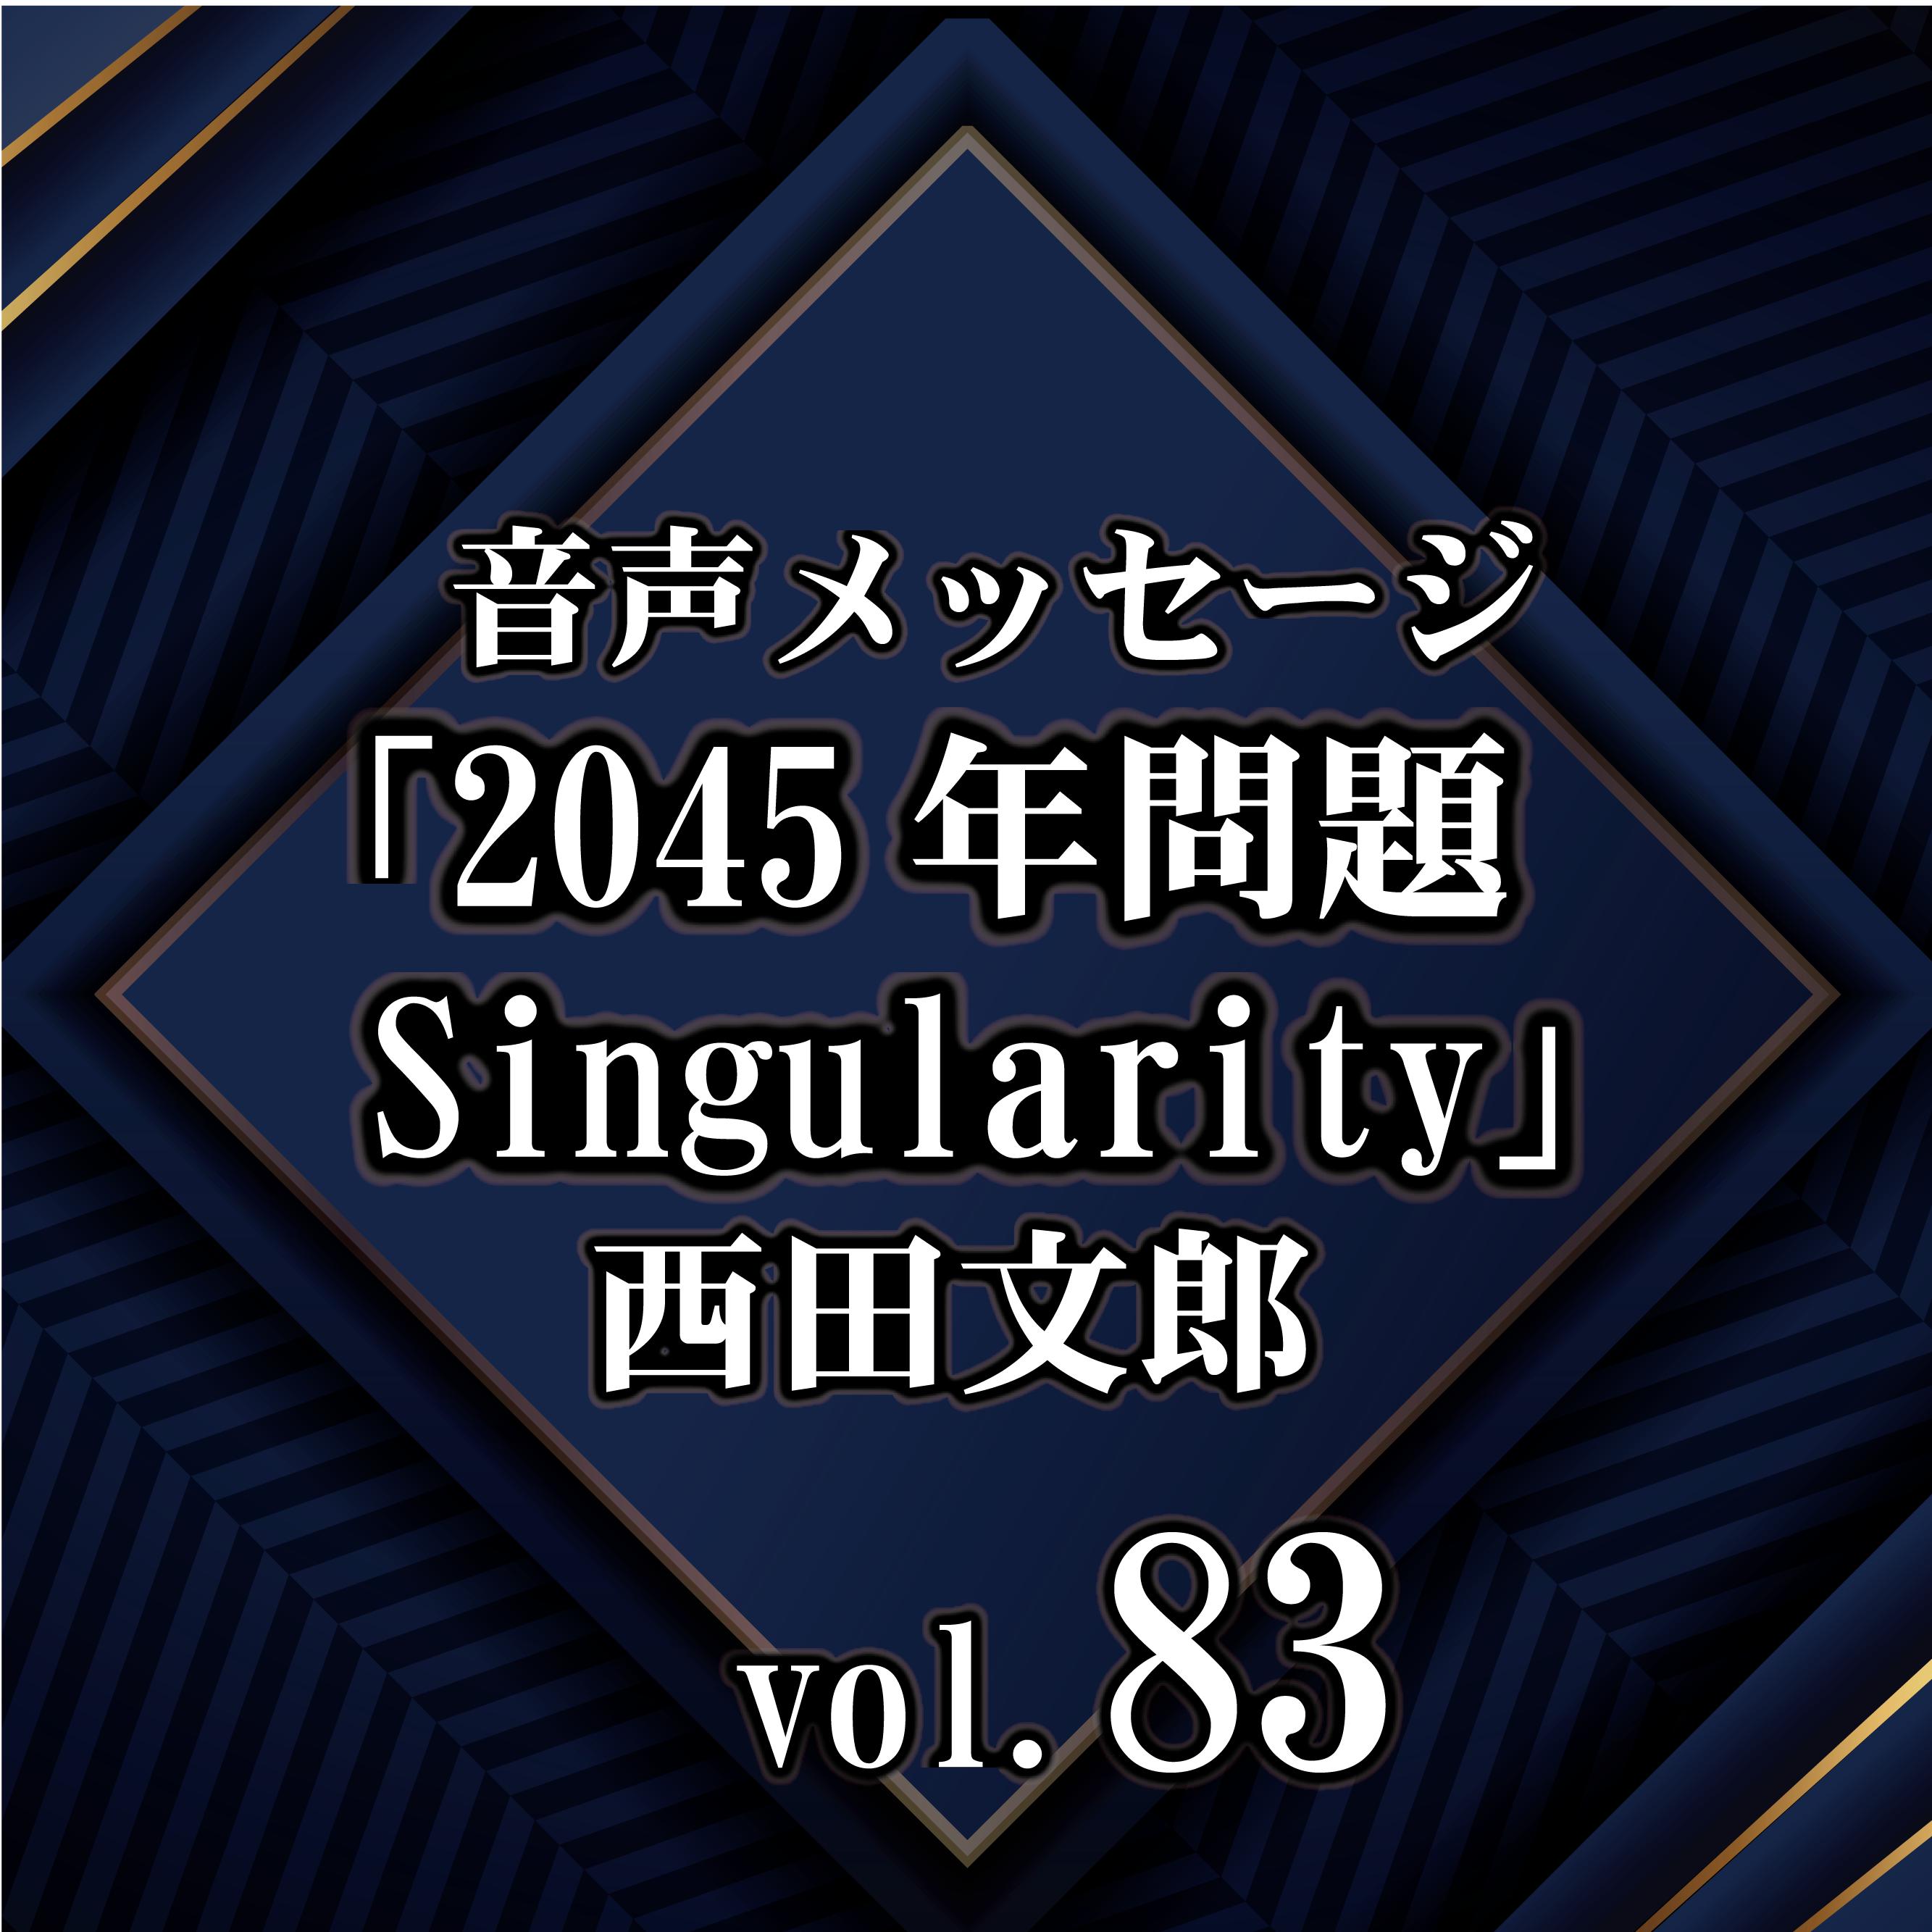 西田文郎 音声メッセージvol.83『2045年問題 Singularity』